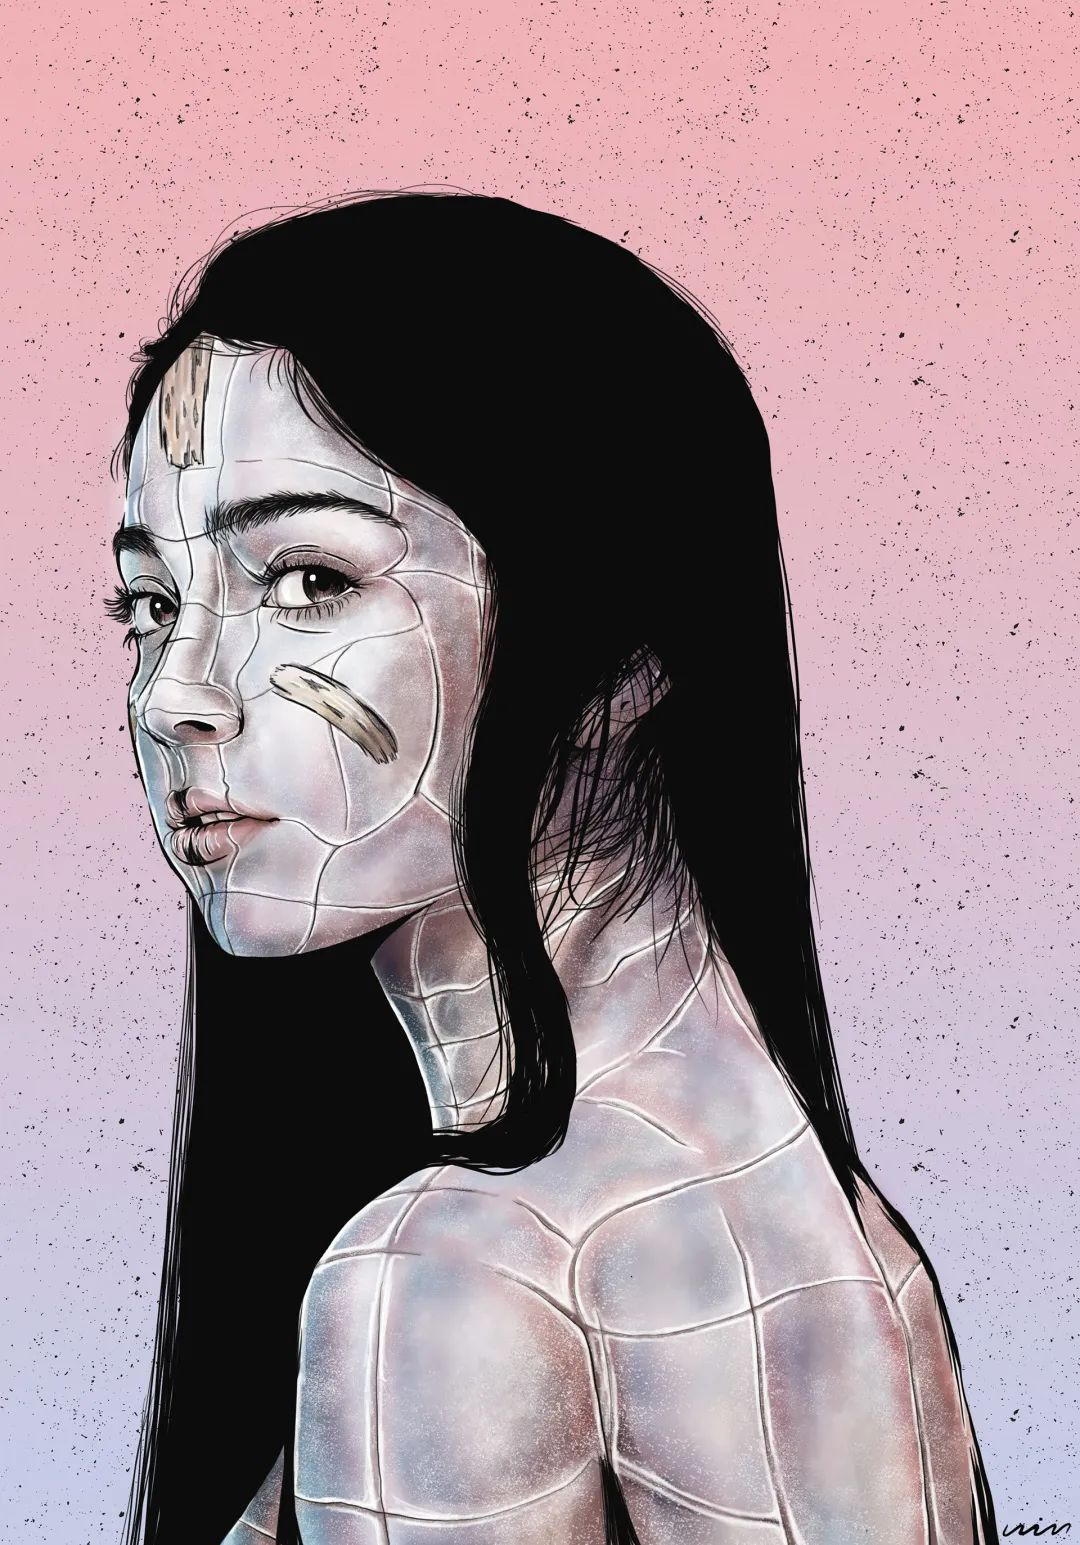 百姓彩票:面临着性别问题的人工智能:AI在物化女性吗?(图2)